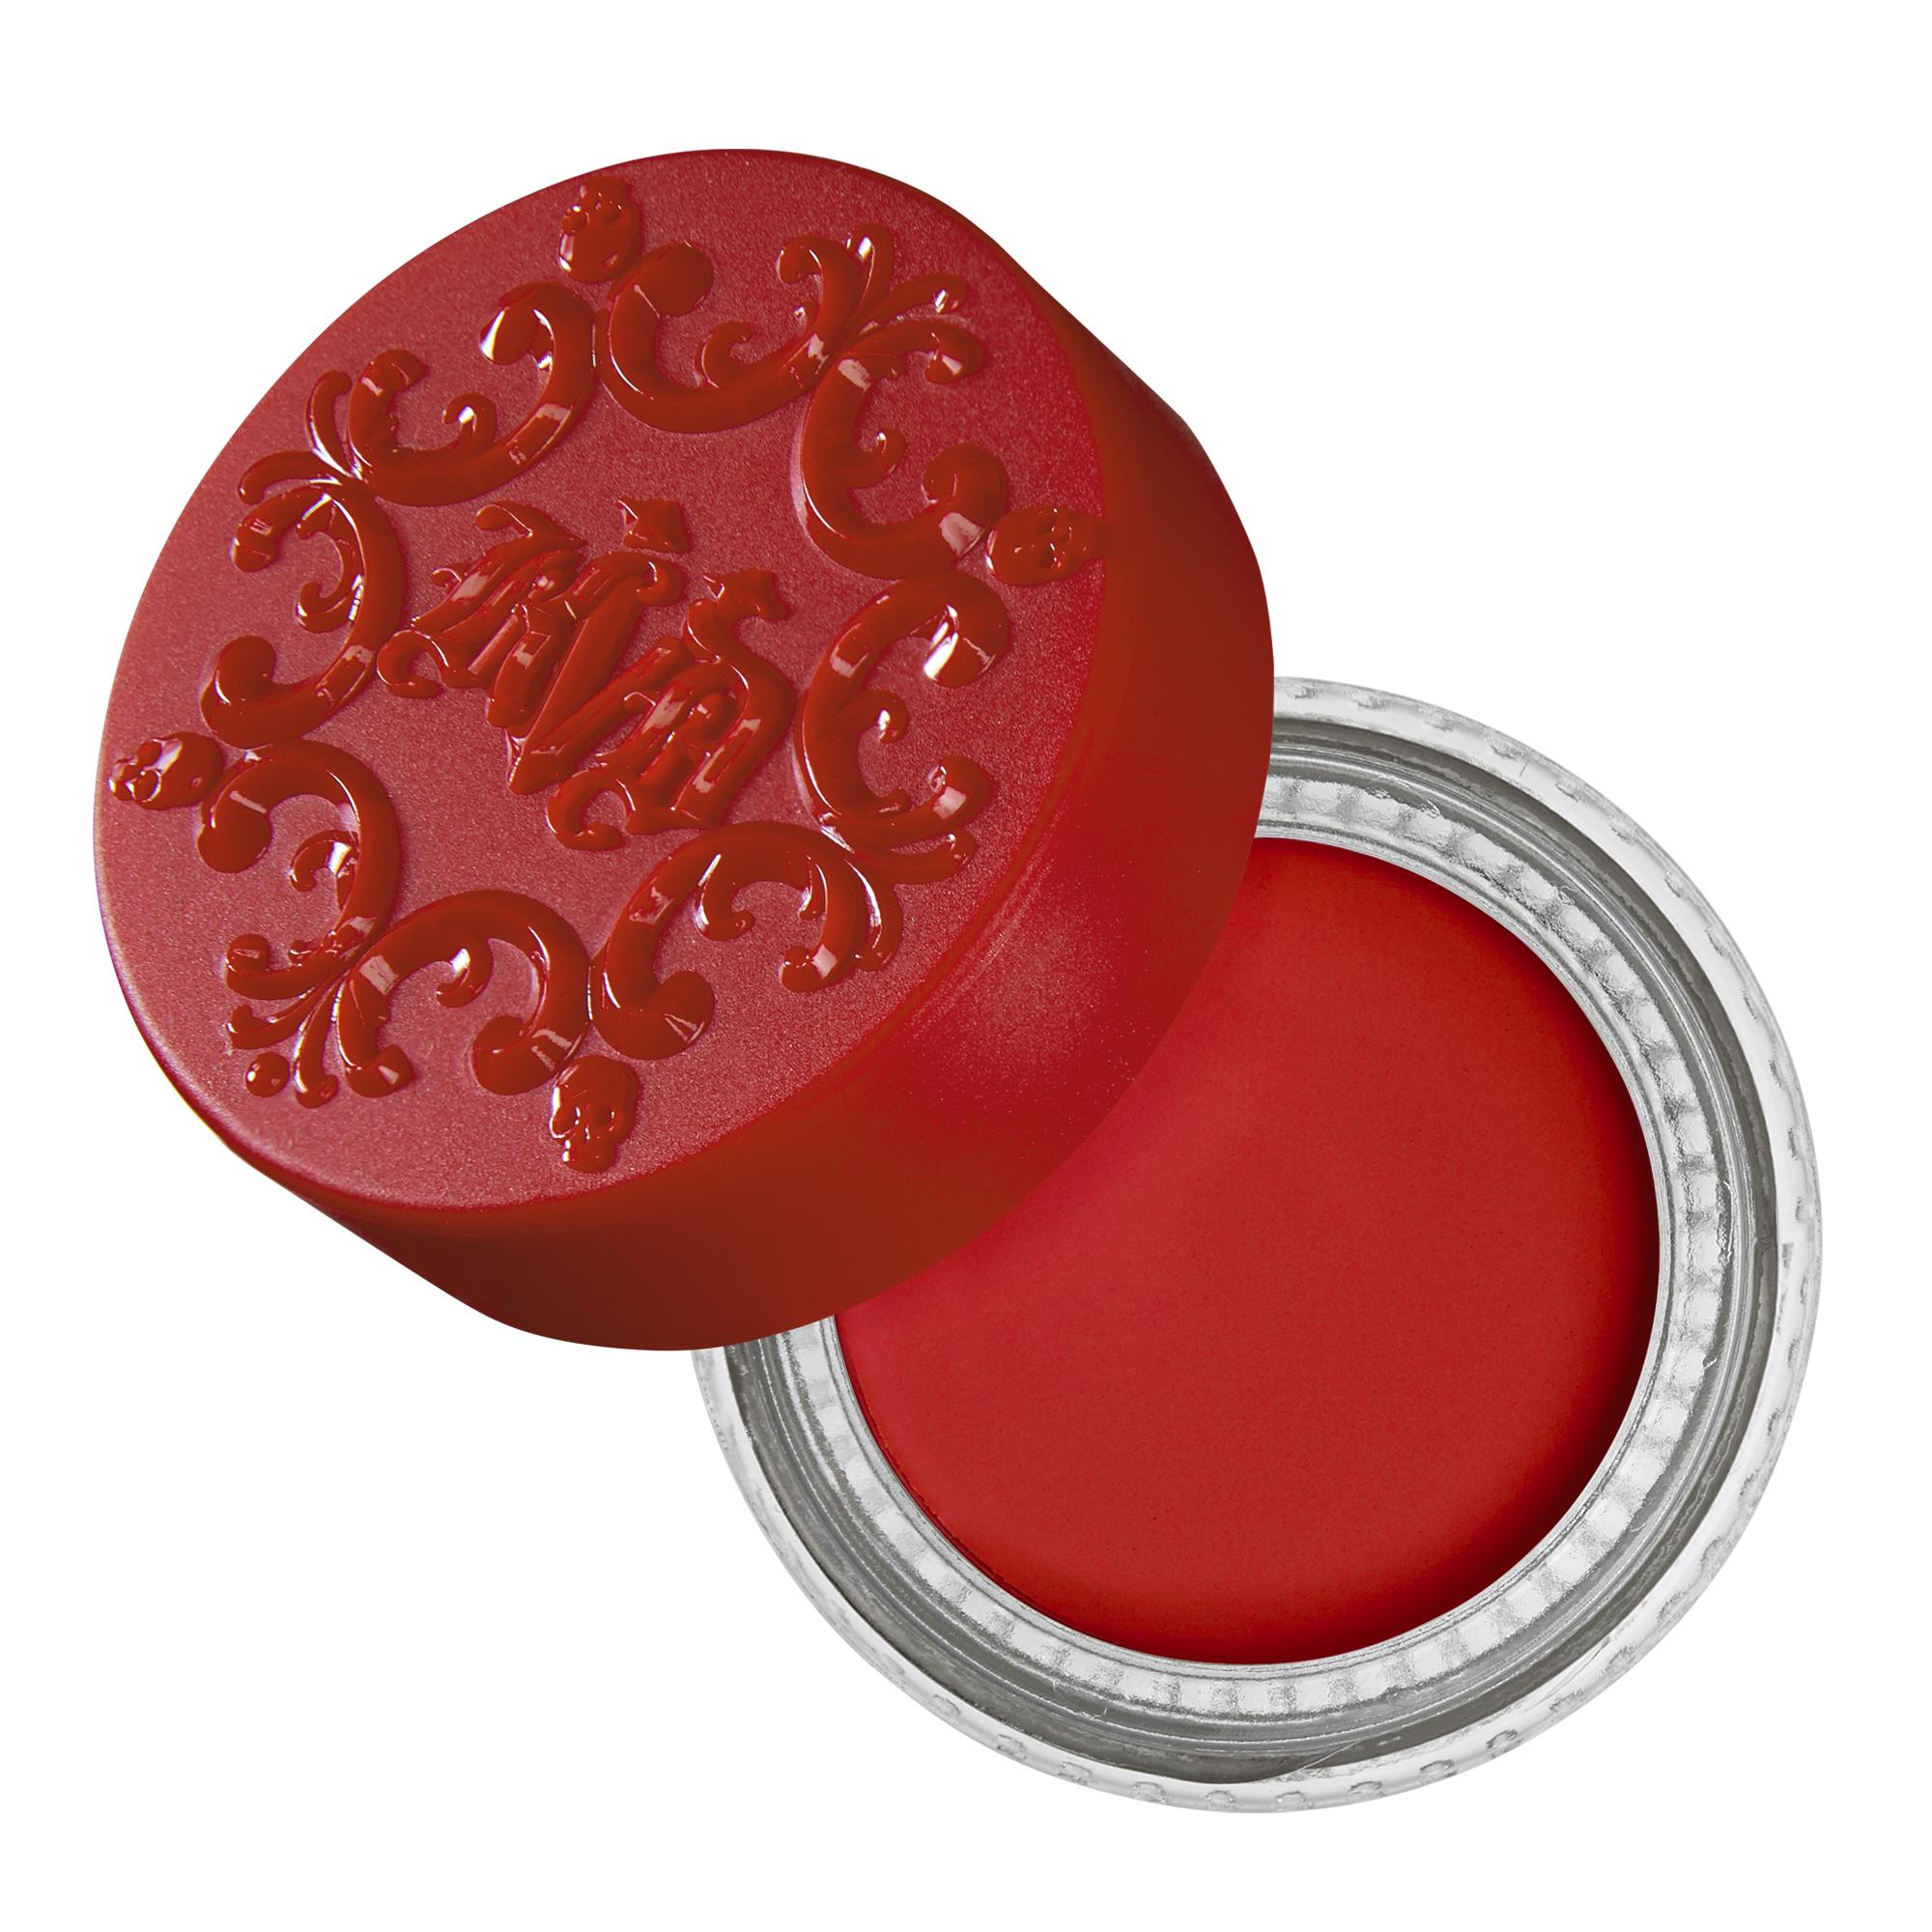 KVD Beauty Brow Creme Pot, scarlet